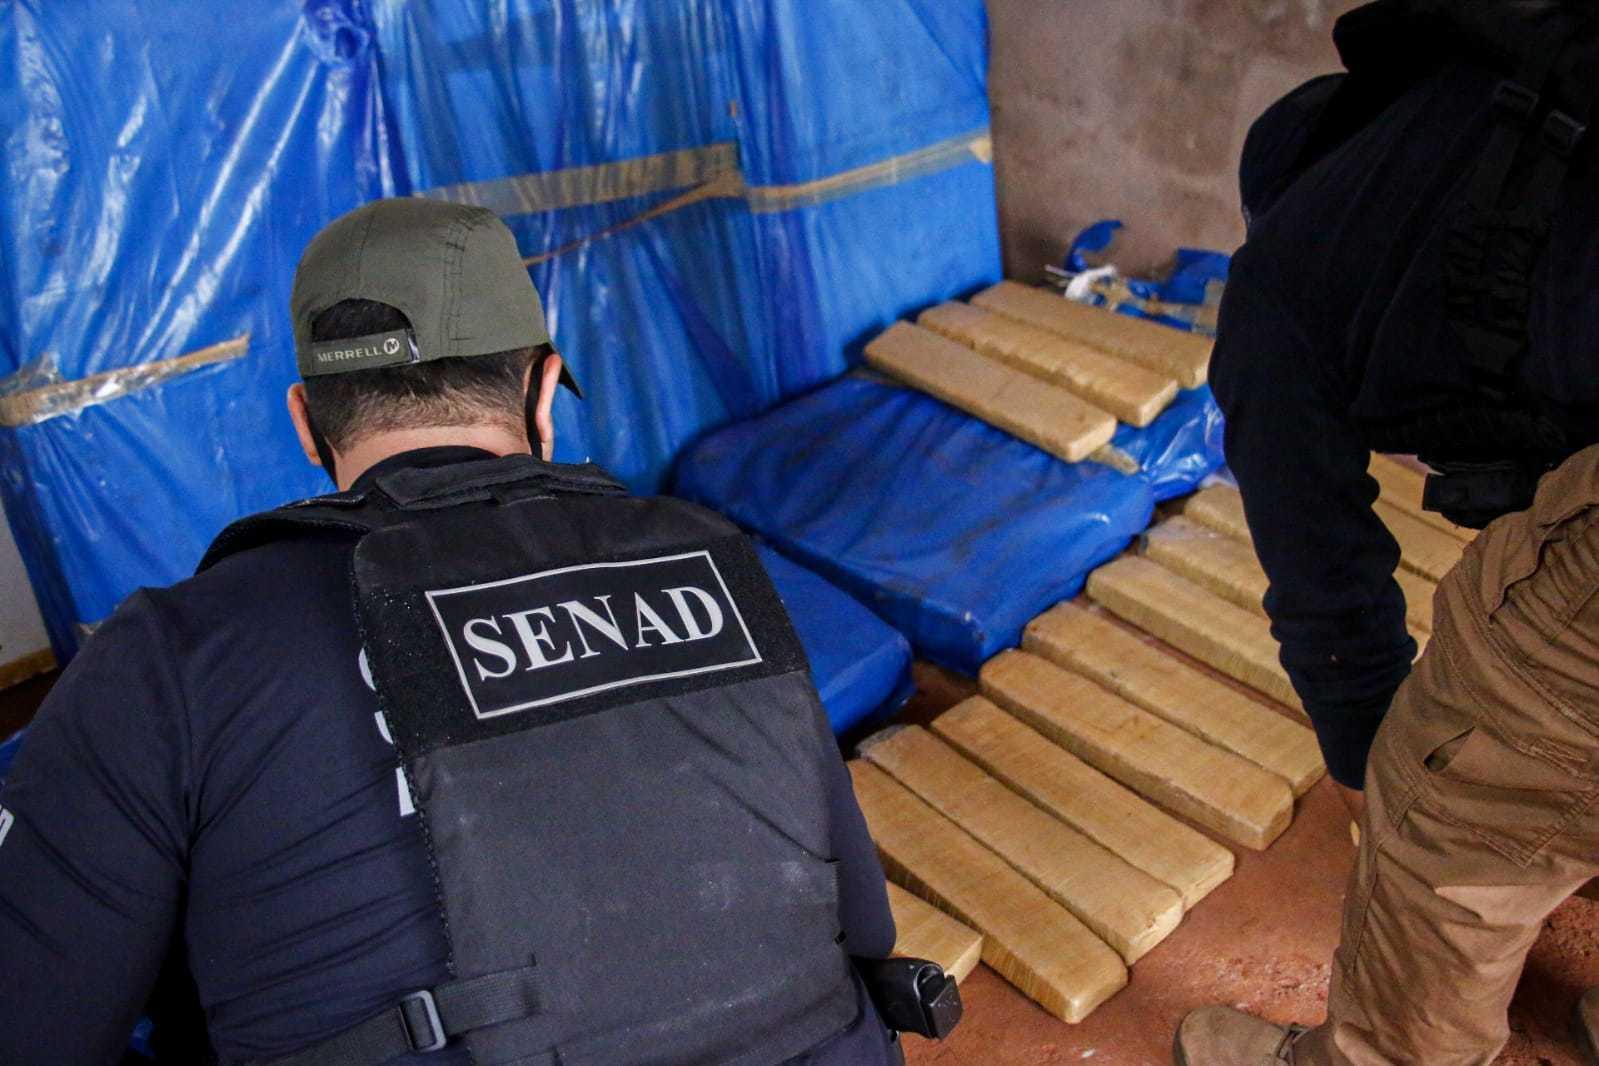 Agentes da Senad no cômodo onde estavam os tabletes de maconha (Foto: Divulgação)